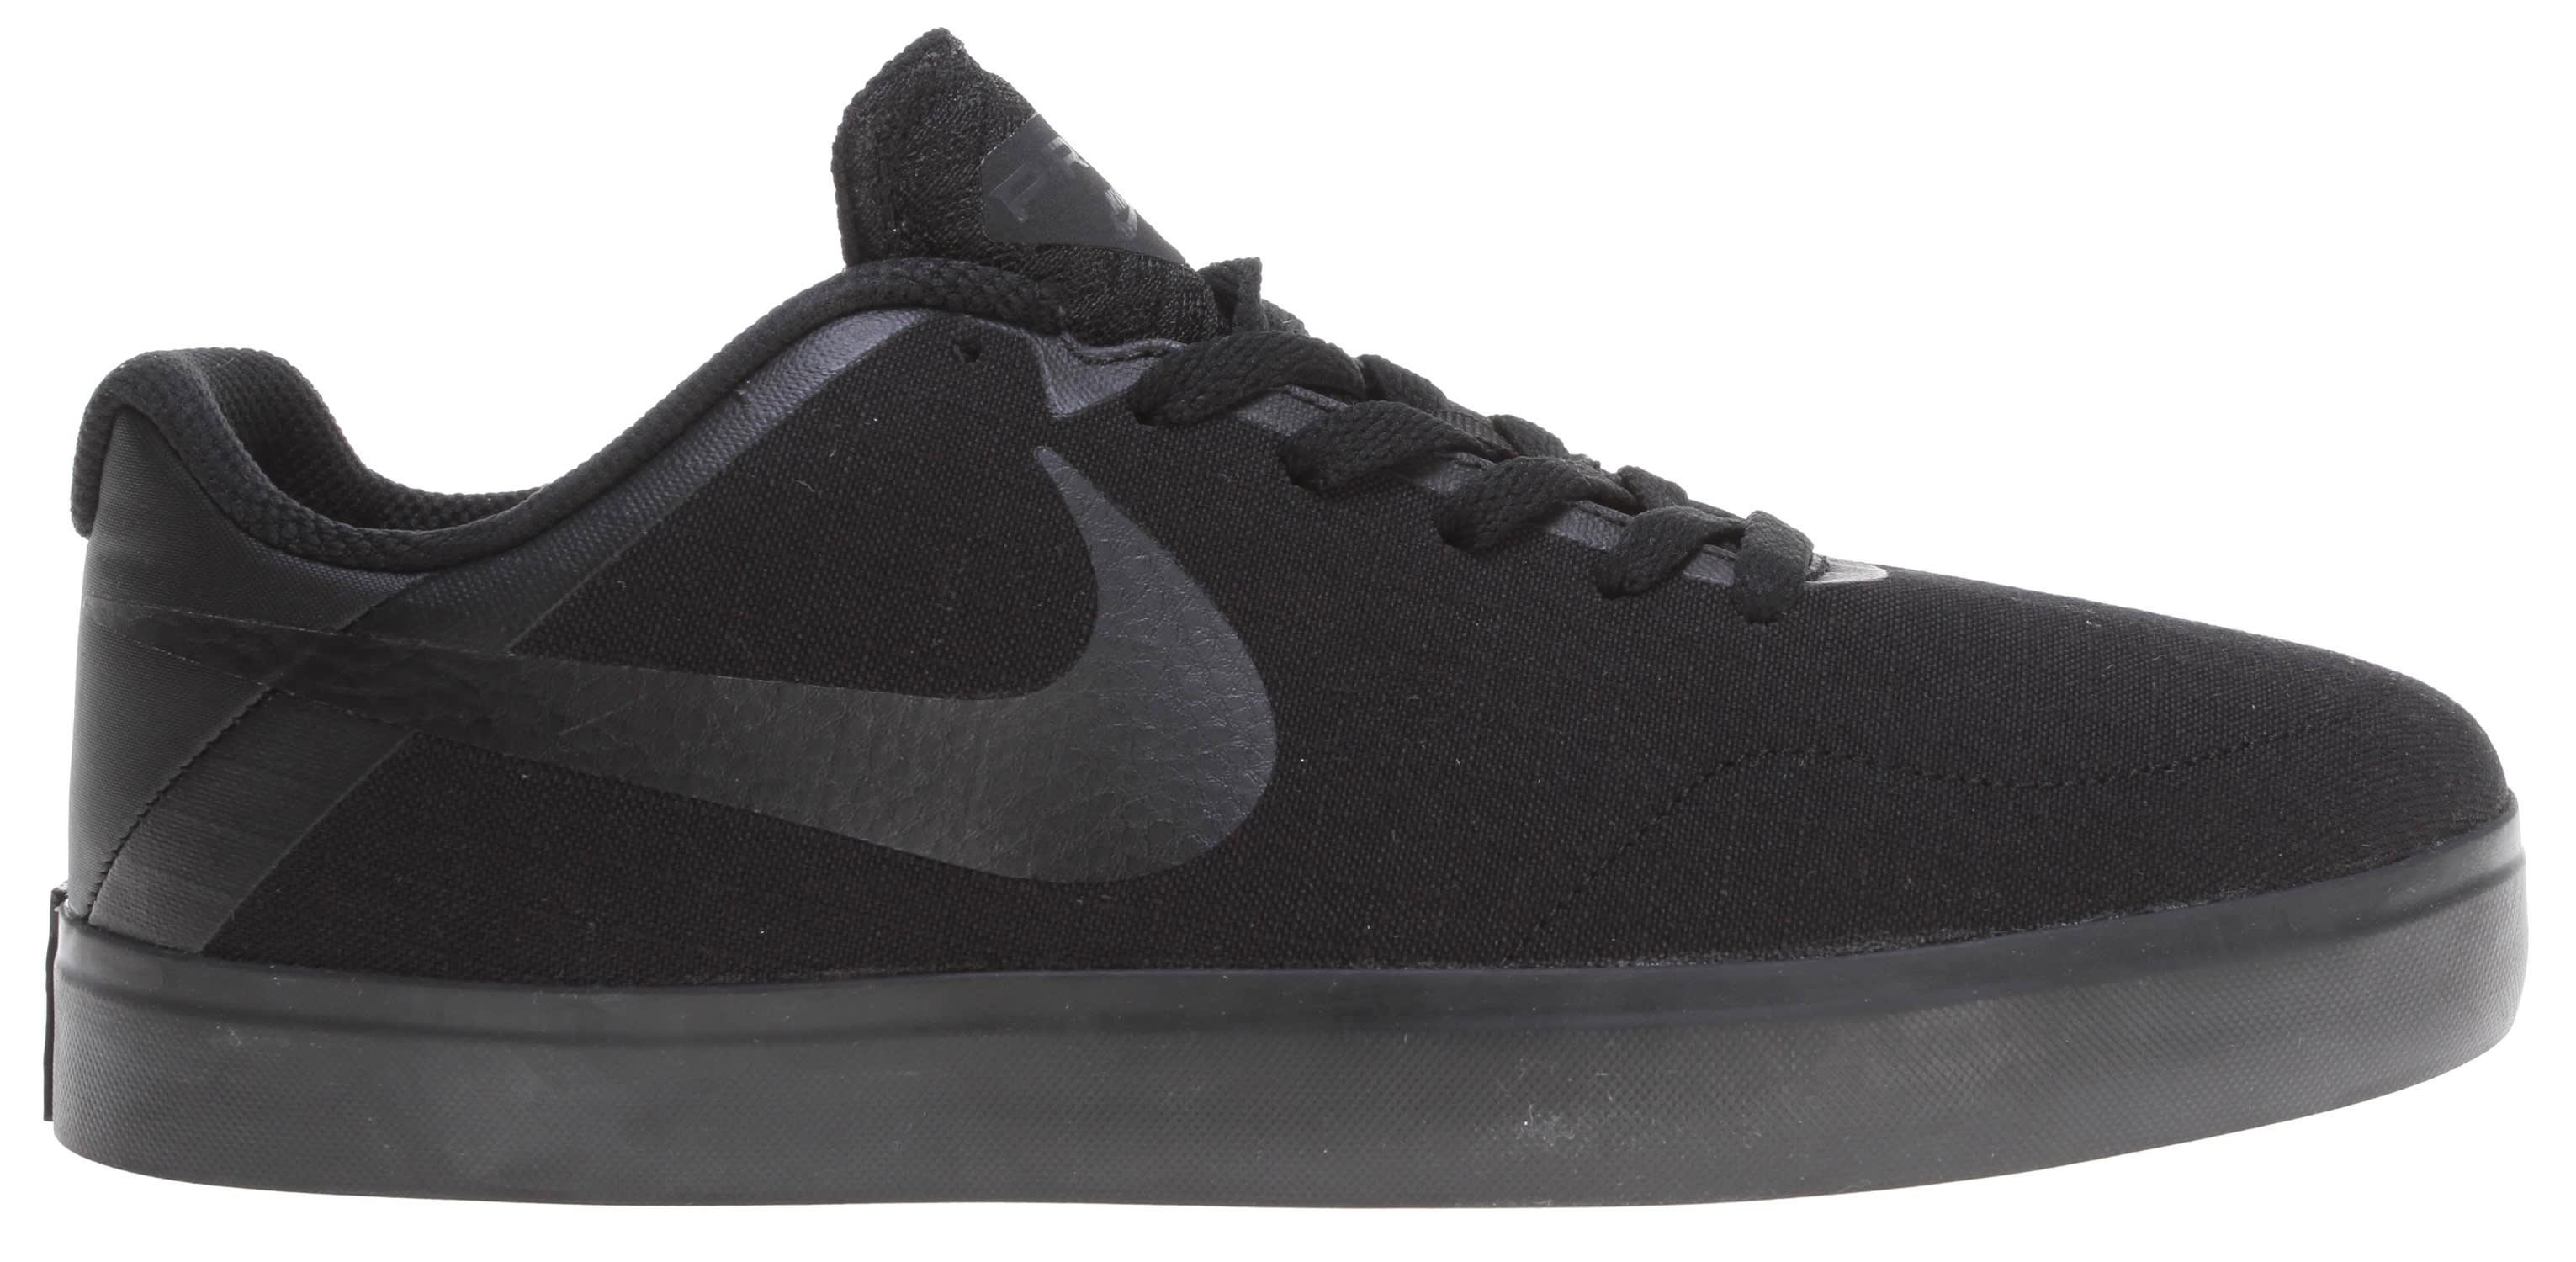 Nike Sb Paul Rodriguez Ctd Lr Boys Shoes - Musée des ... c7de1a7b8c997